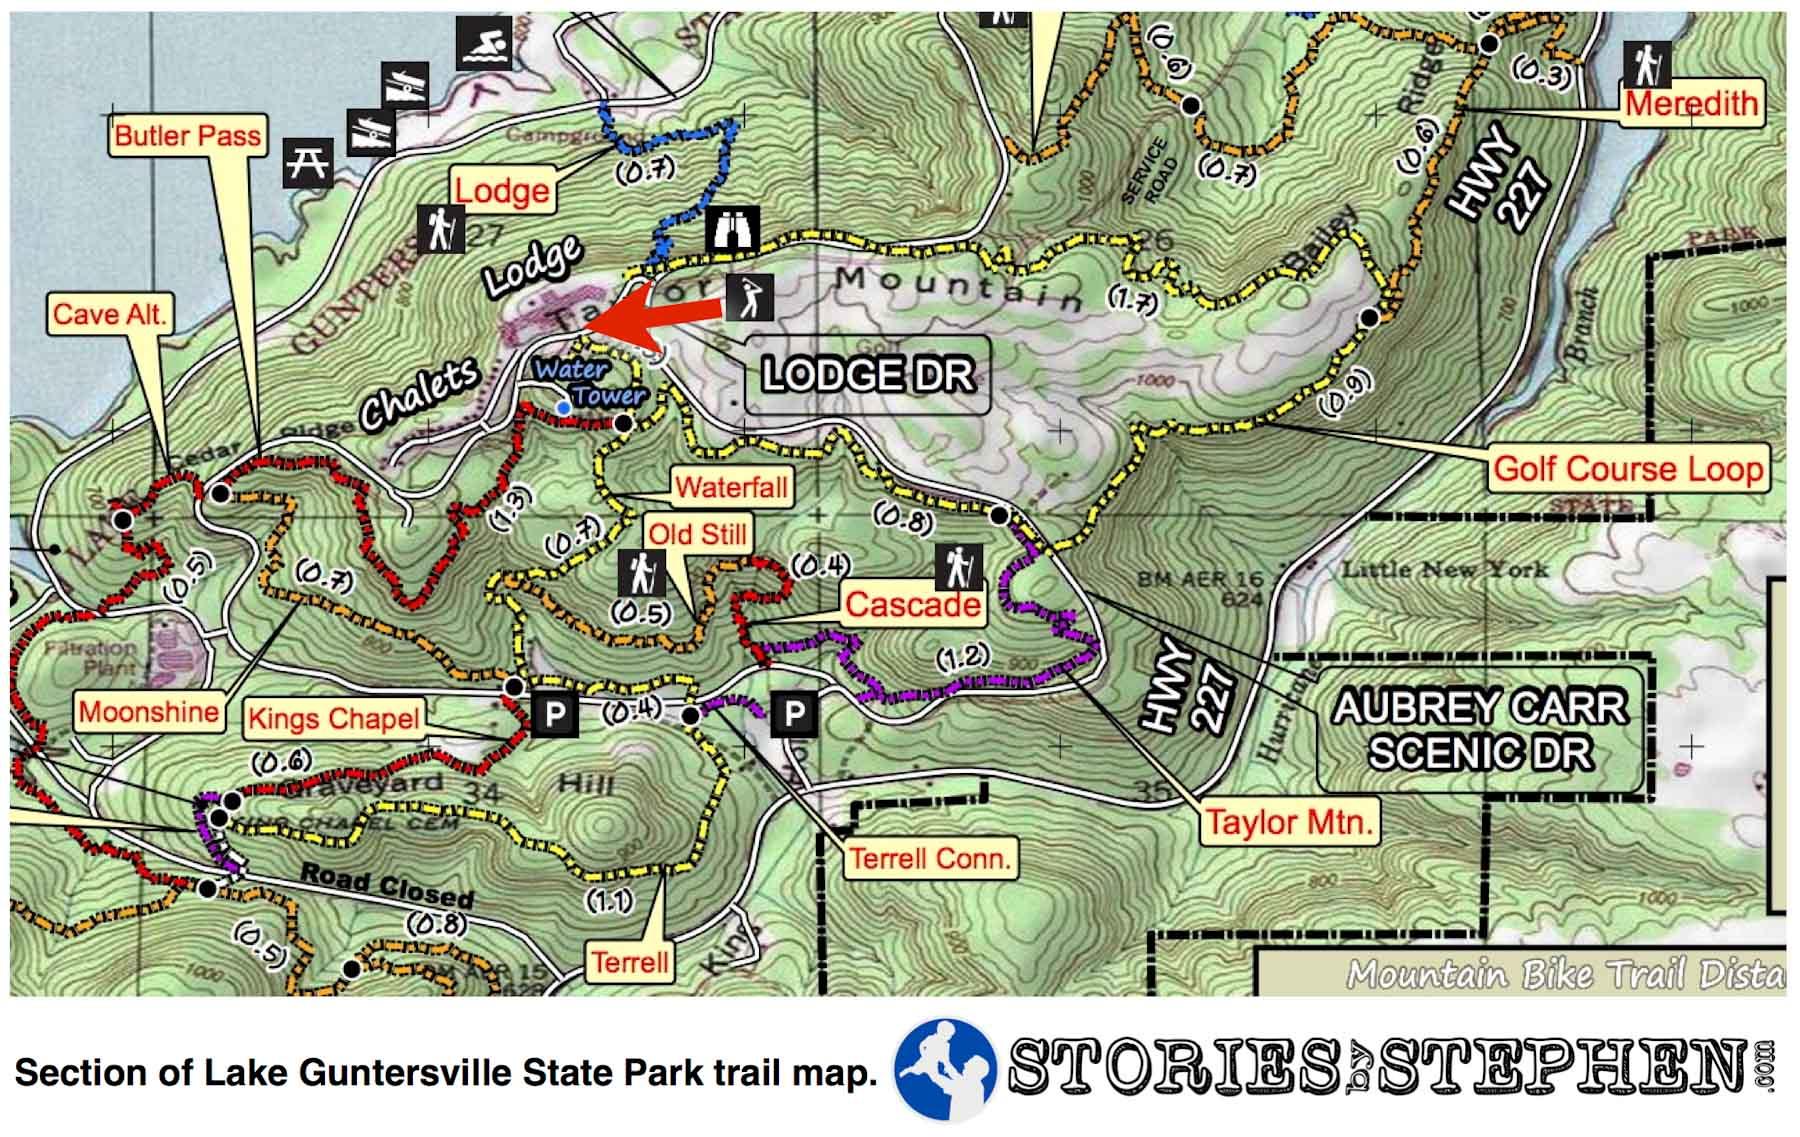 Exploring Lake Guntersville State Park Trail Run - Marks lake maps